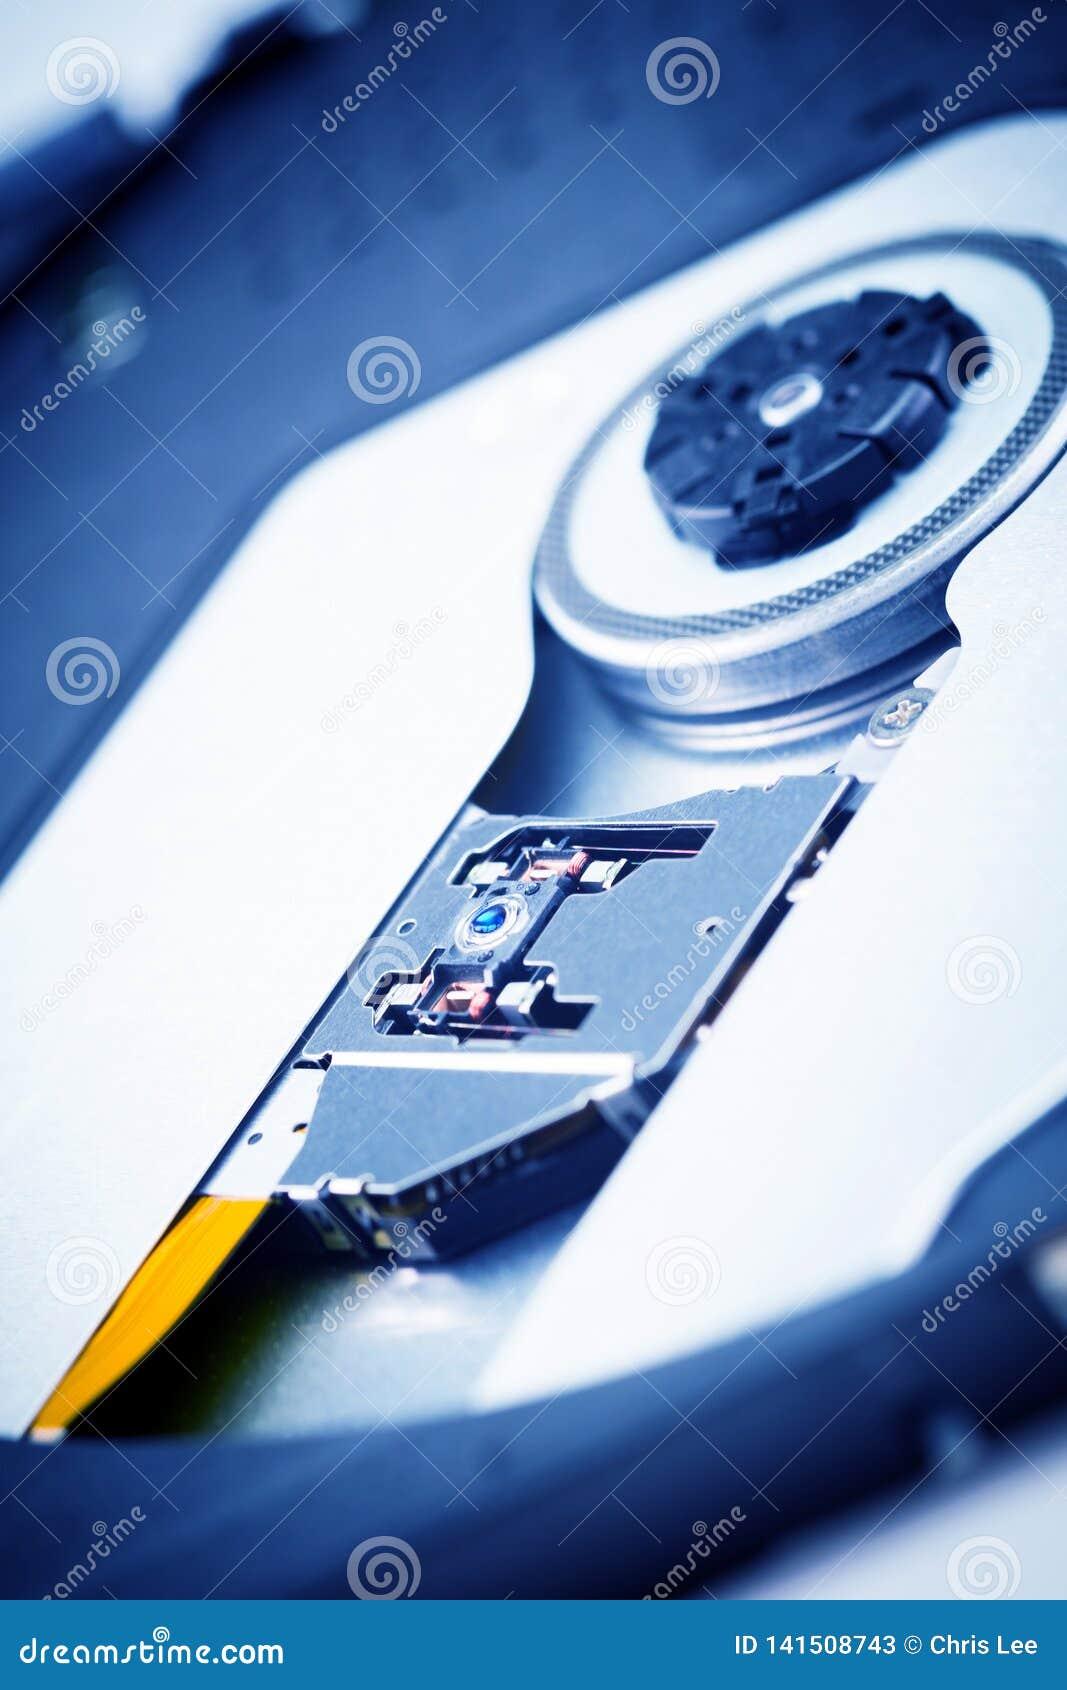 Schließen Sie herauf - Laser-Kopflinse von CD dvd dvdrw optischem Laufwerk